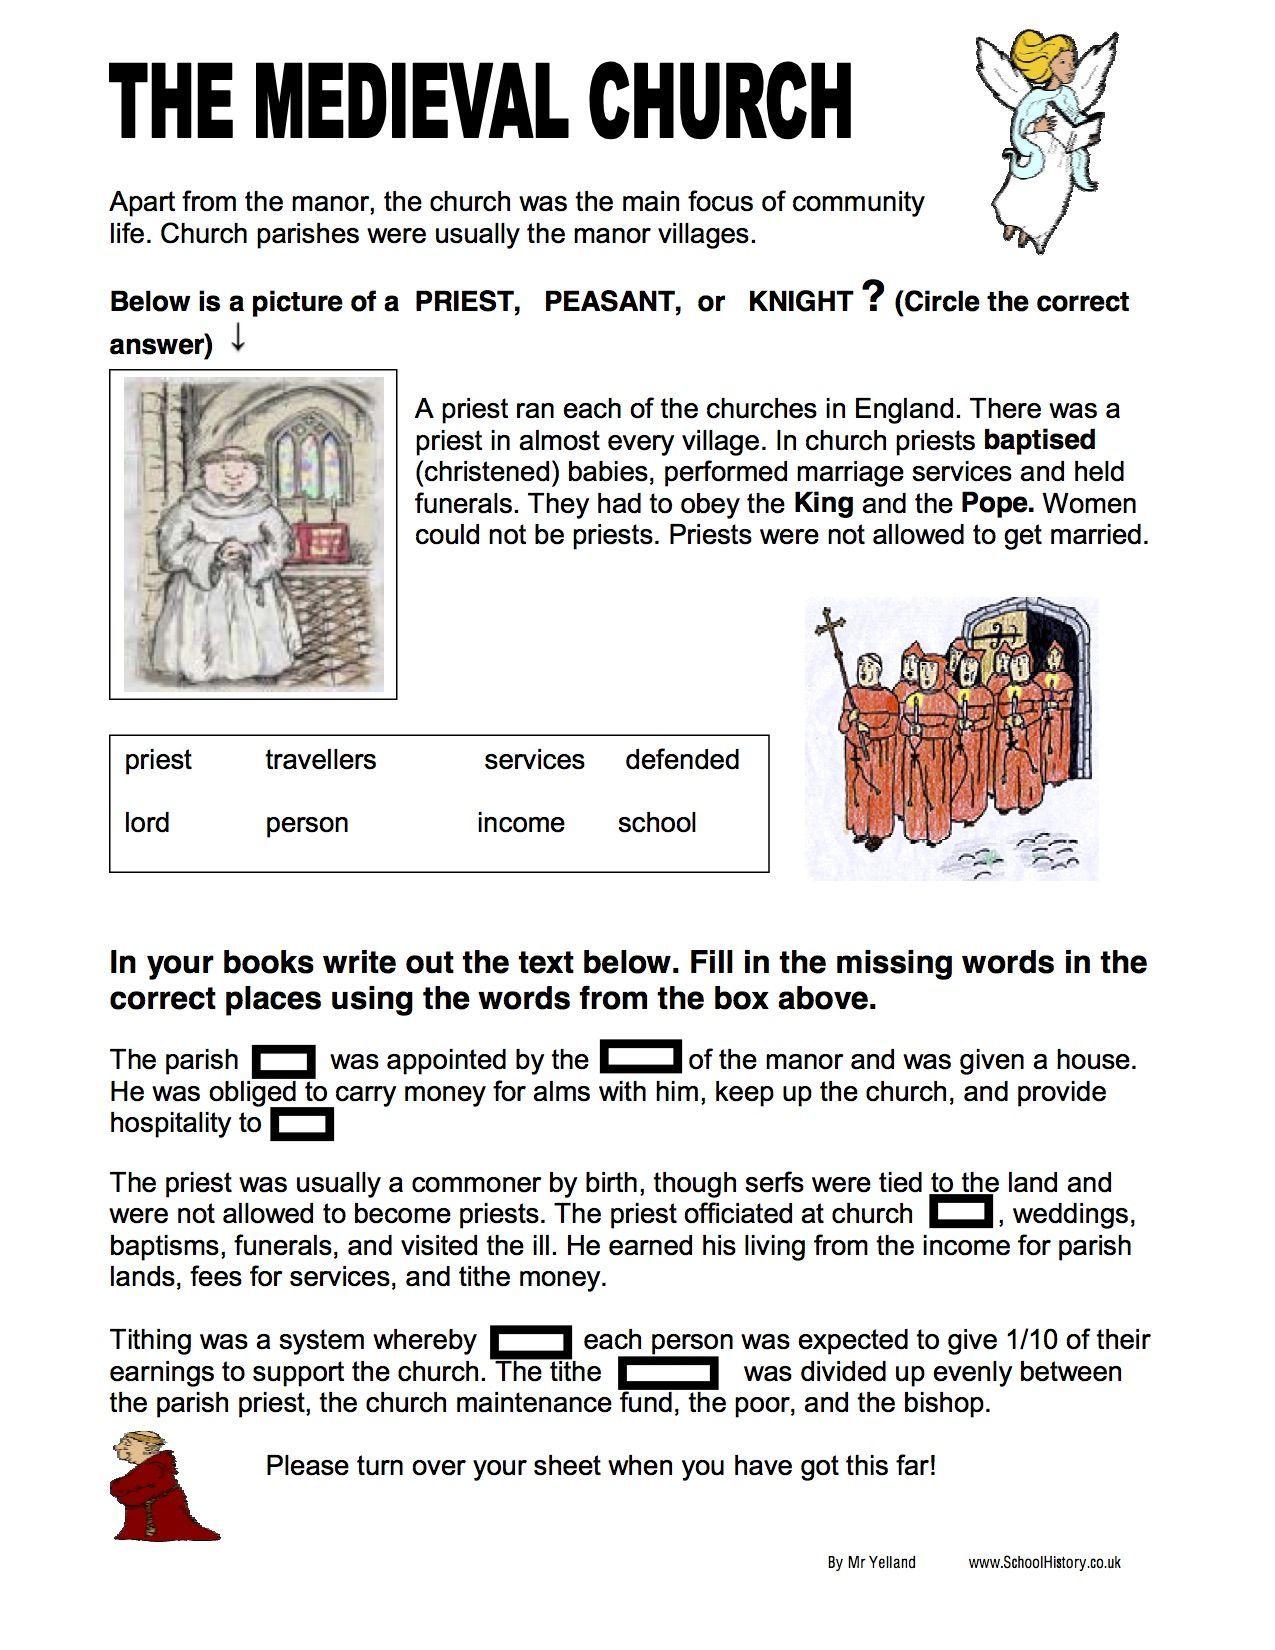 Free History Worksheets Ks3 Amp Ks4 Lesson Plans Amp